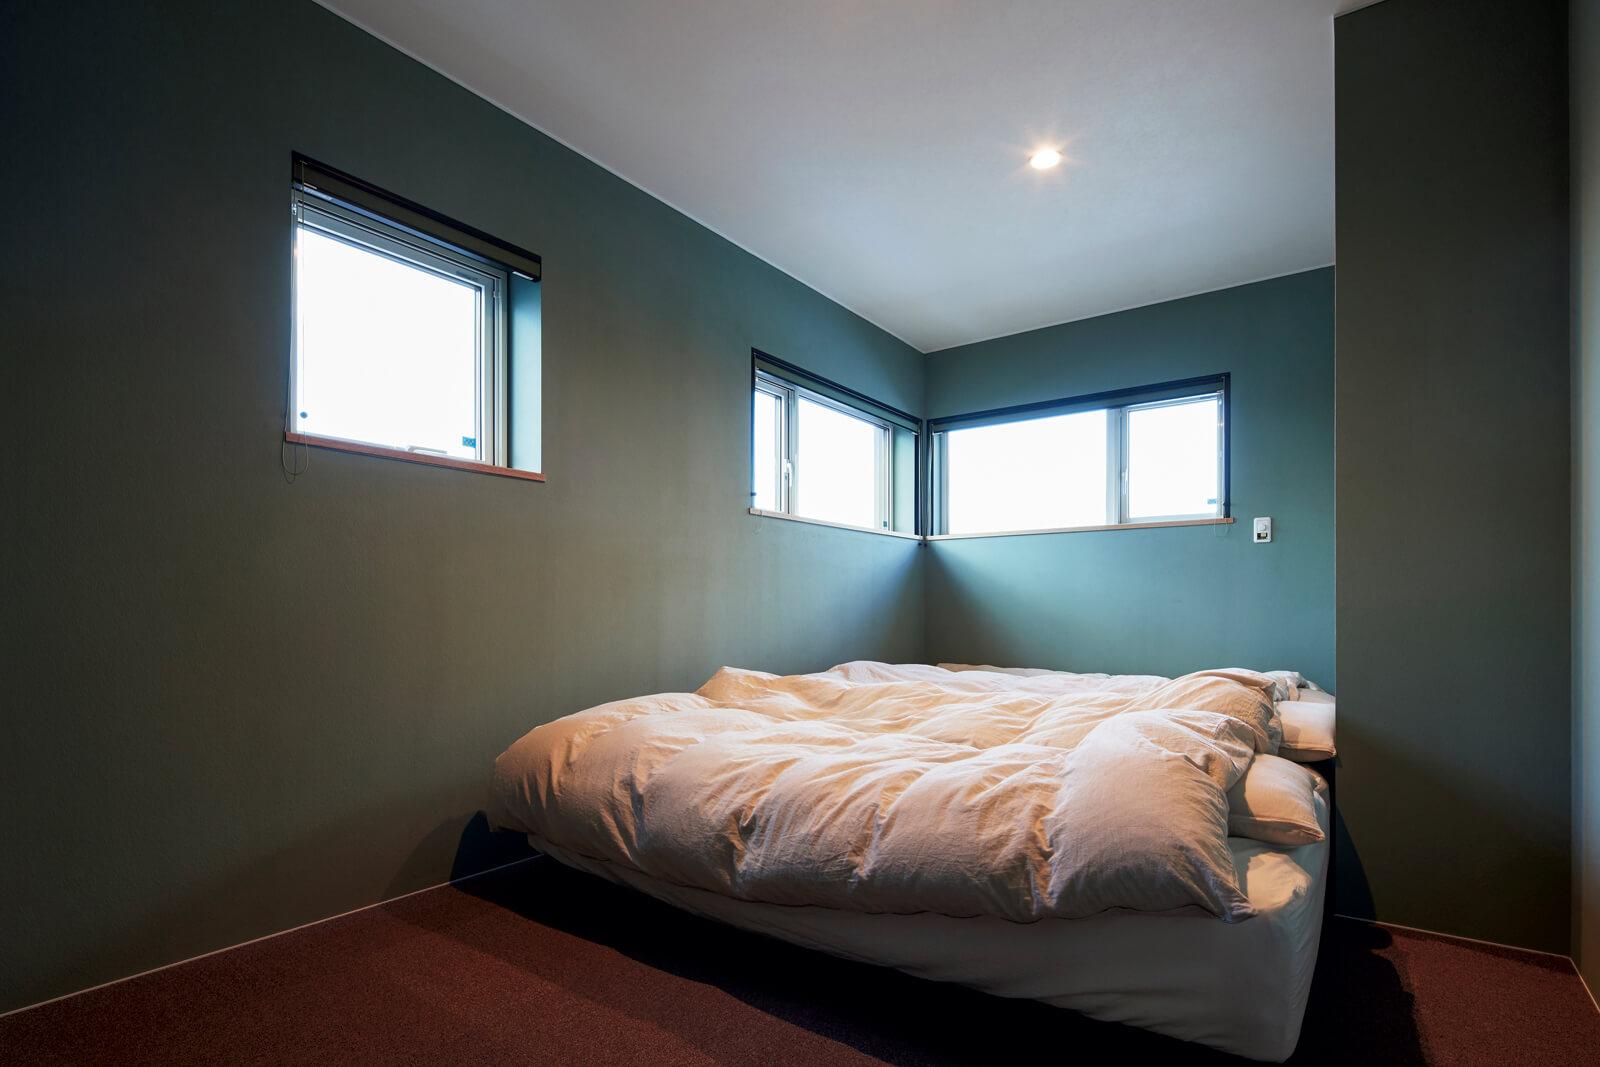 ブルー系のクロスで洗練かつ落ち着いた雰囲気を演出している寝室